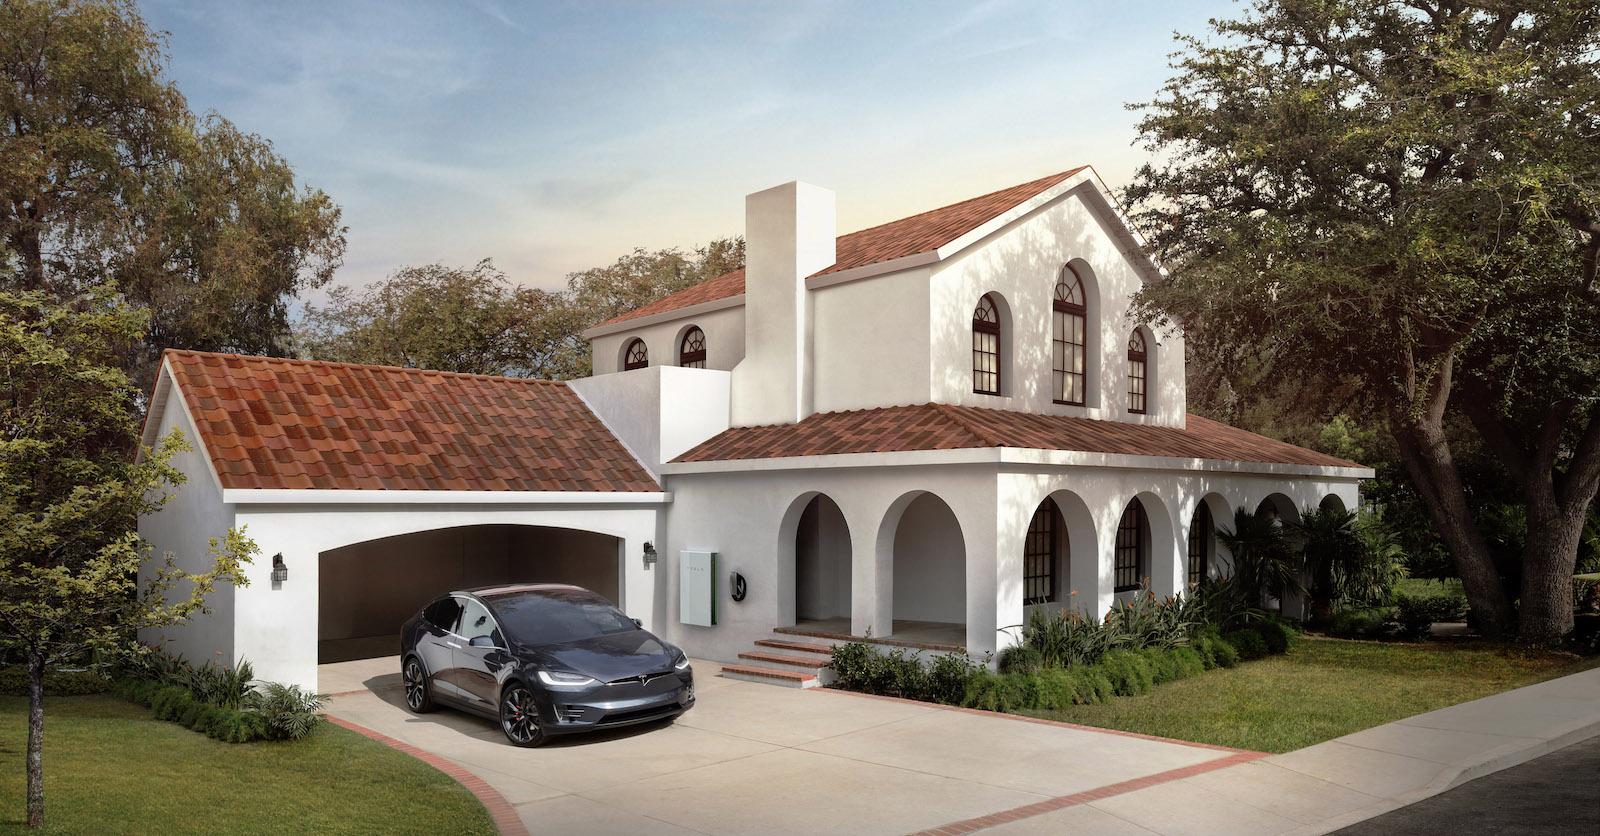 Inredning lägga nytt tak kostnad : Nu kan du förhandsboka Teslas nya solpaneler - Recharge